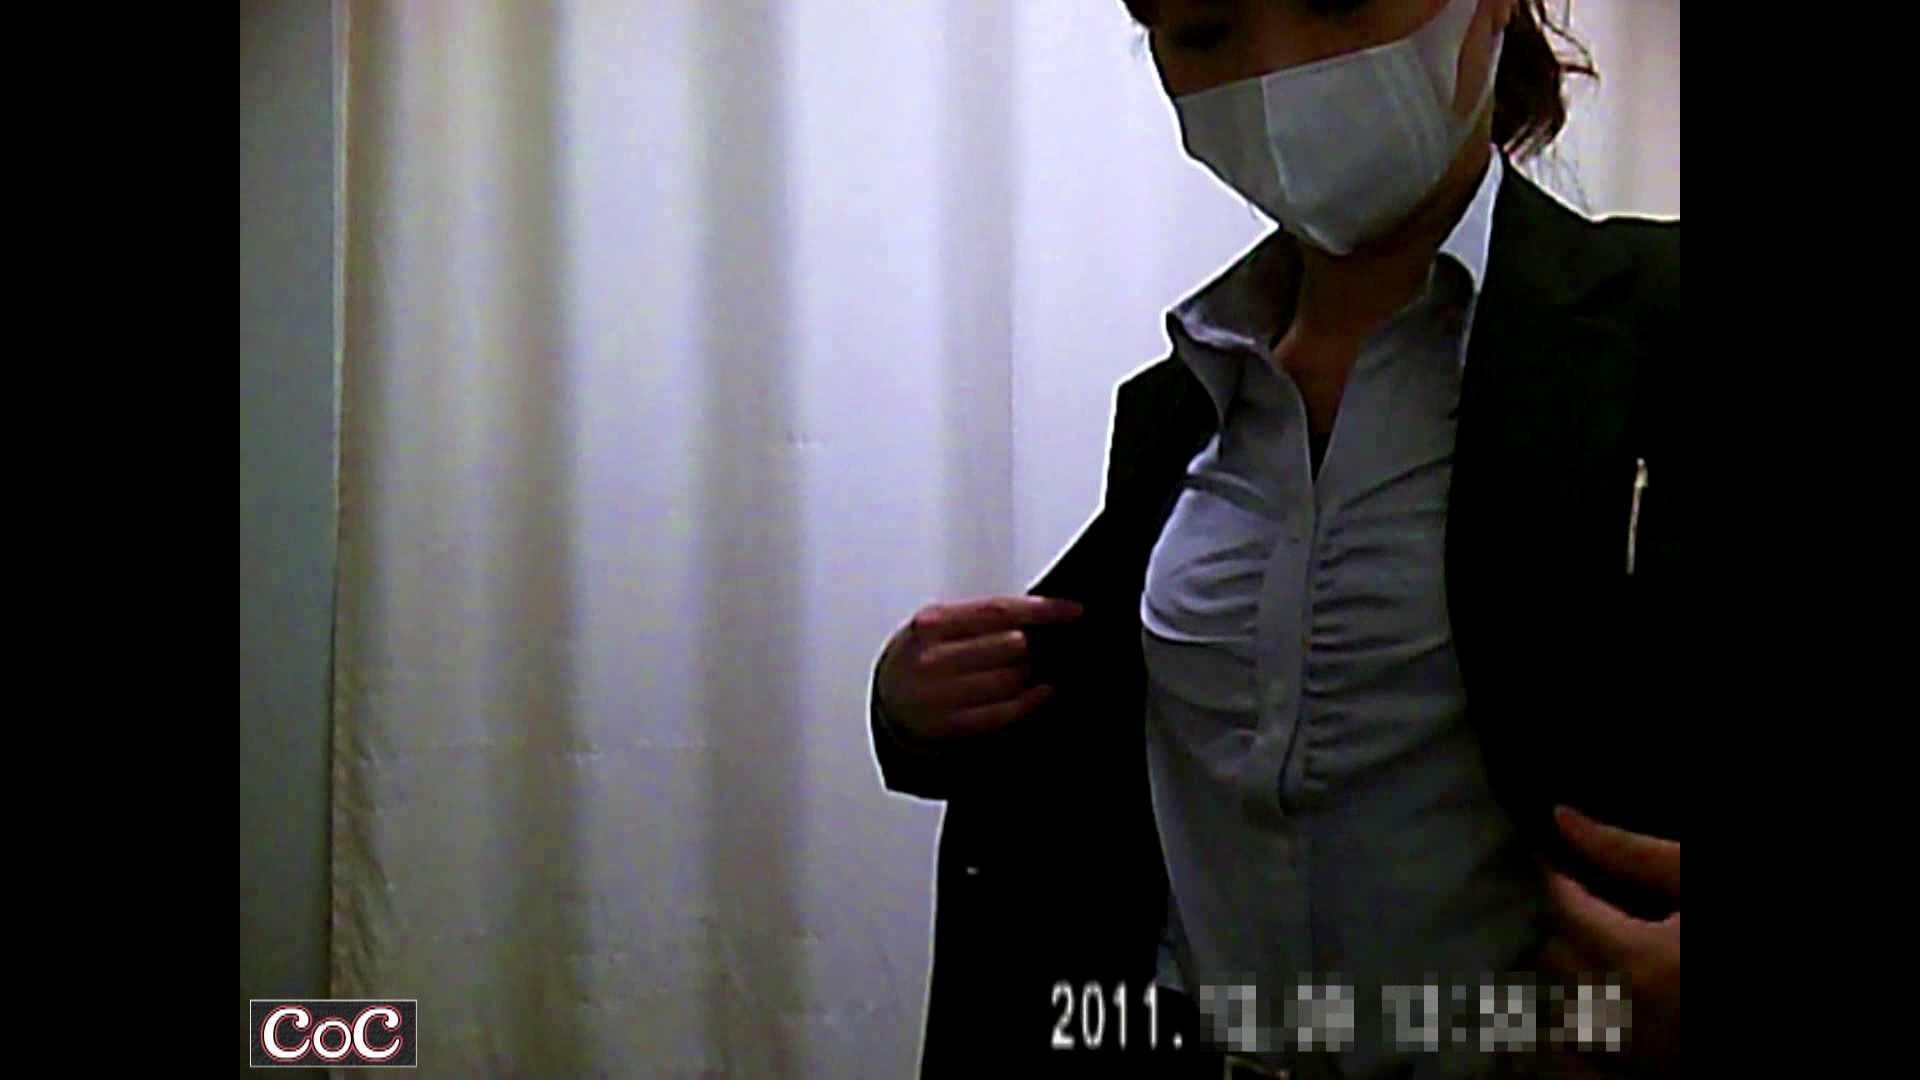 元医者による反抗 更衣室地獄絵巻 vol.179 OLの実態  32pic 28